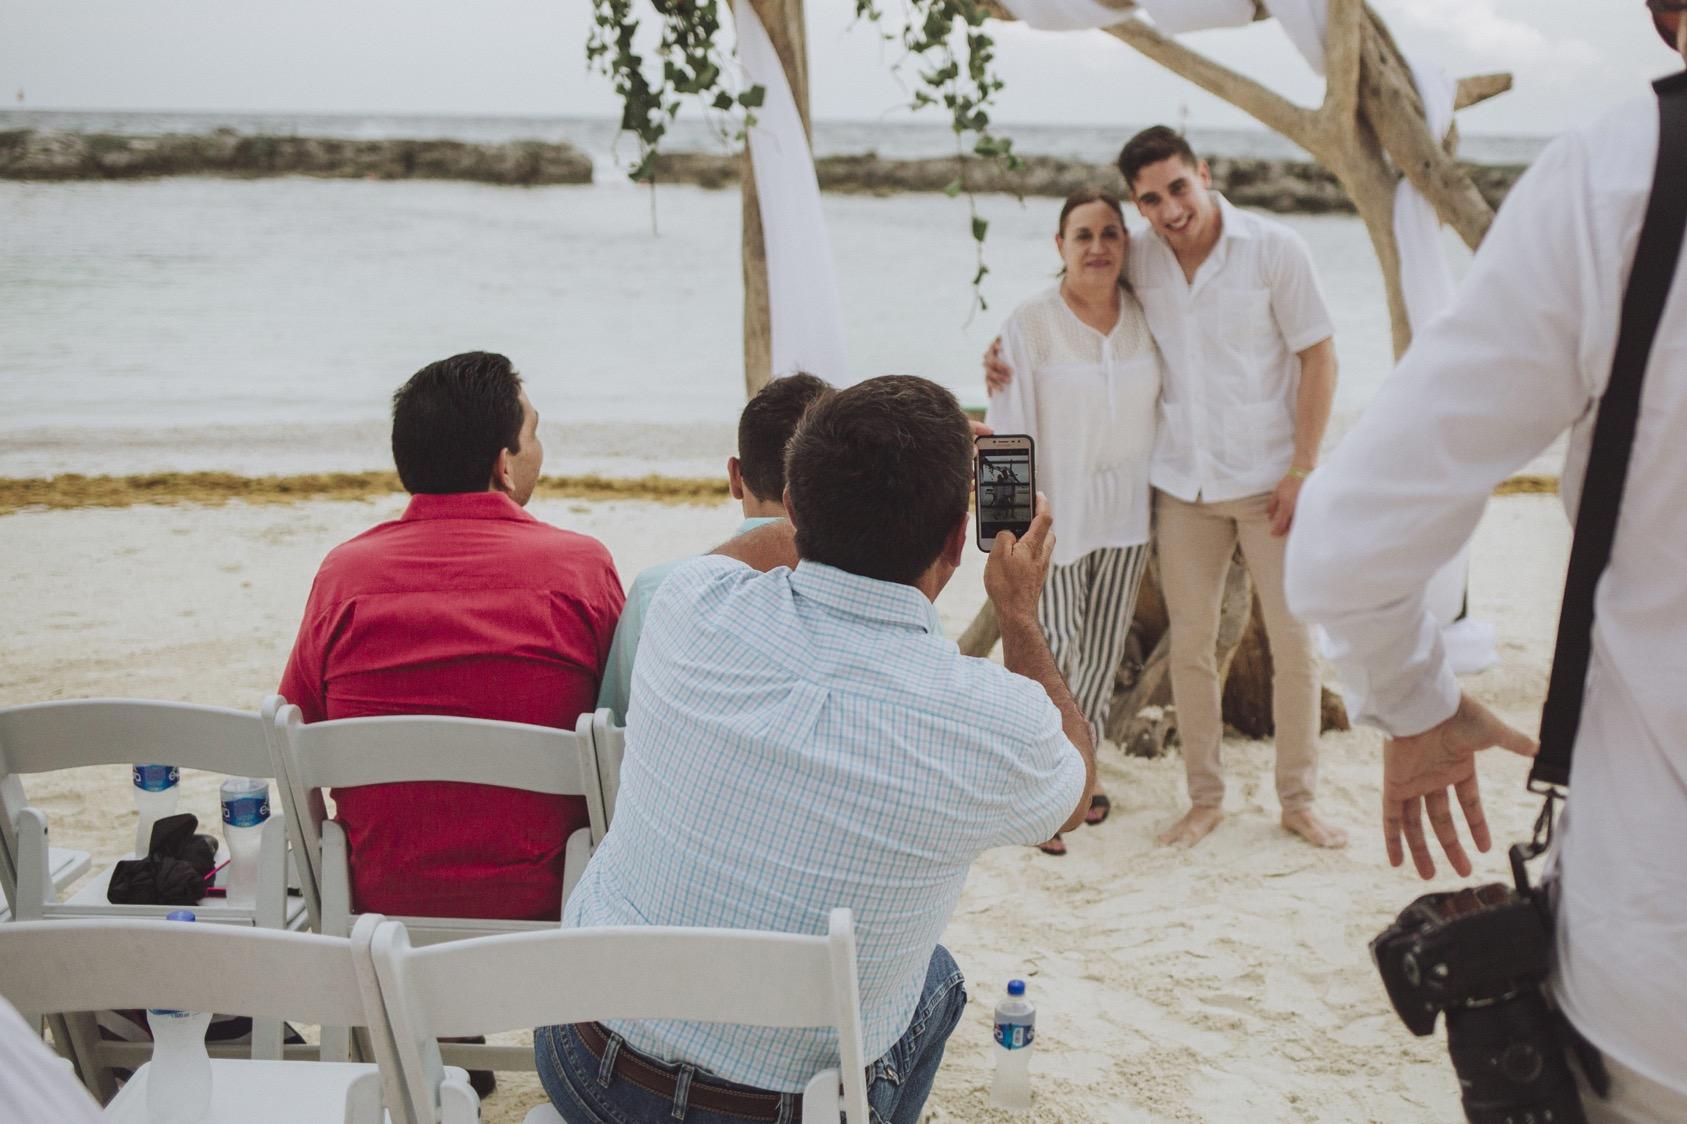 fotografo_bodas_profesional_zacatecas_riviera_maya_cancun-32